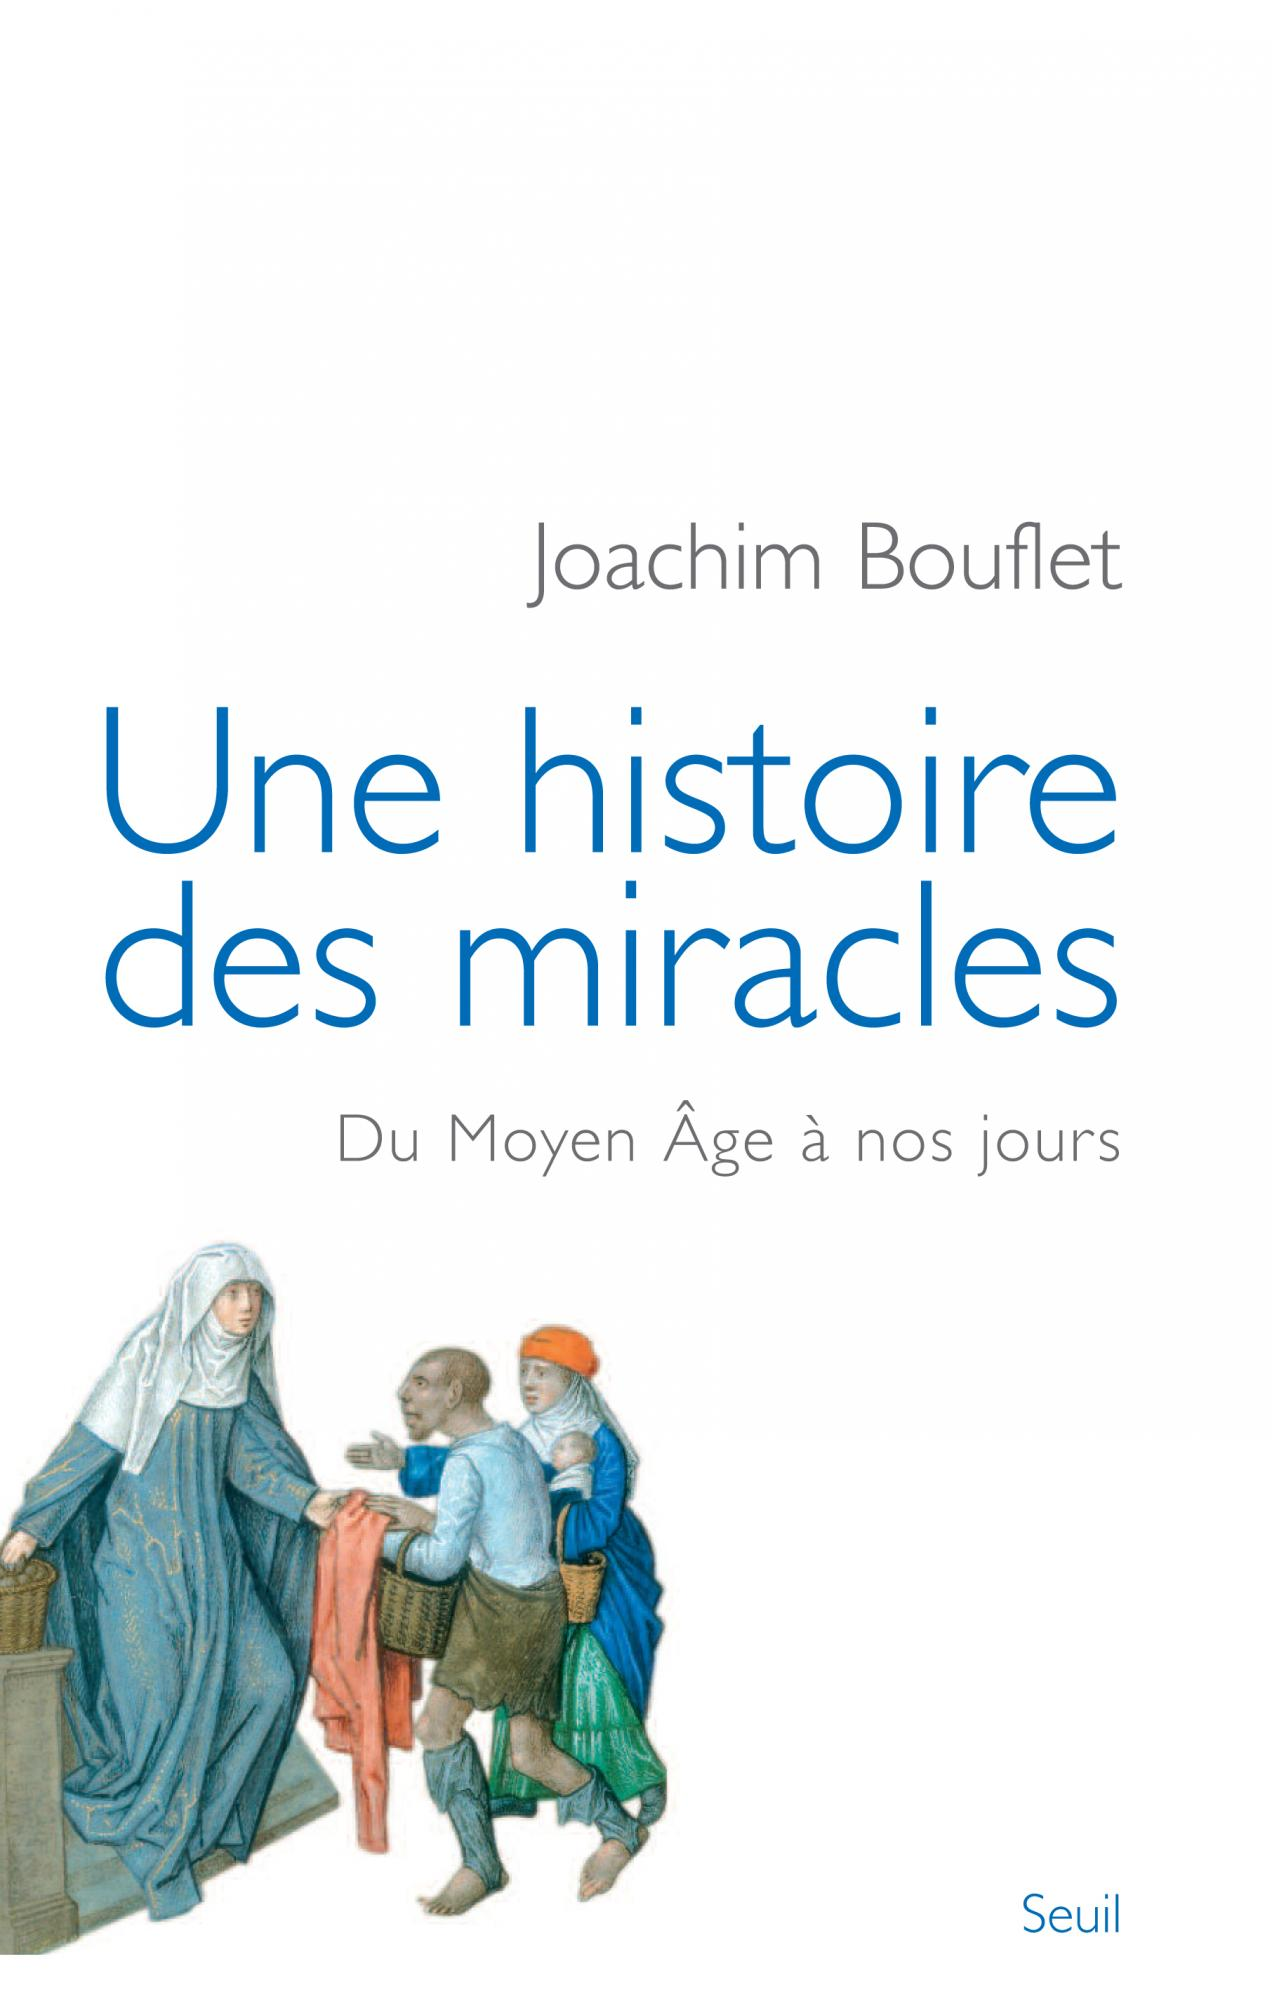 Une histoire des miracles : Du Moyen Age à nos jours. Joachim Bouflet